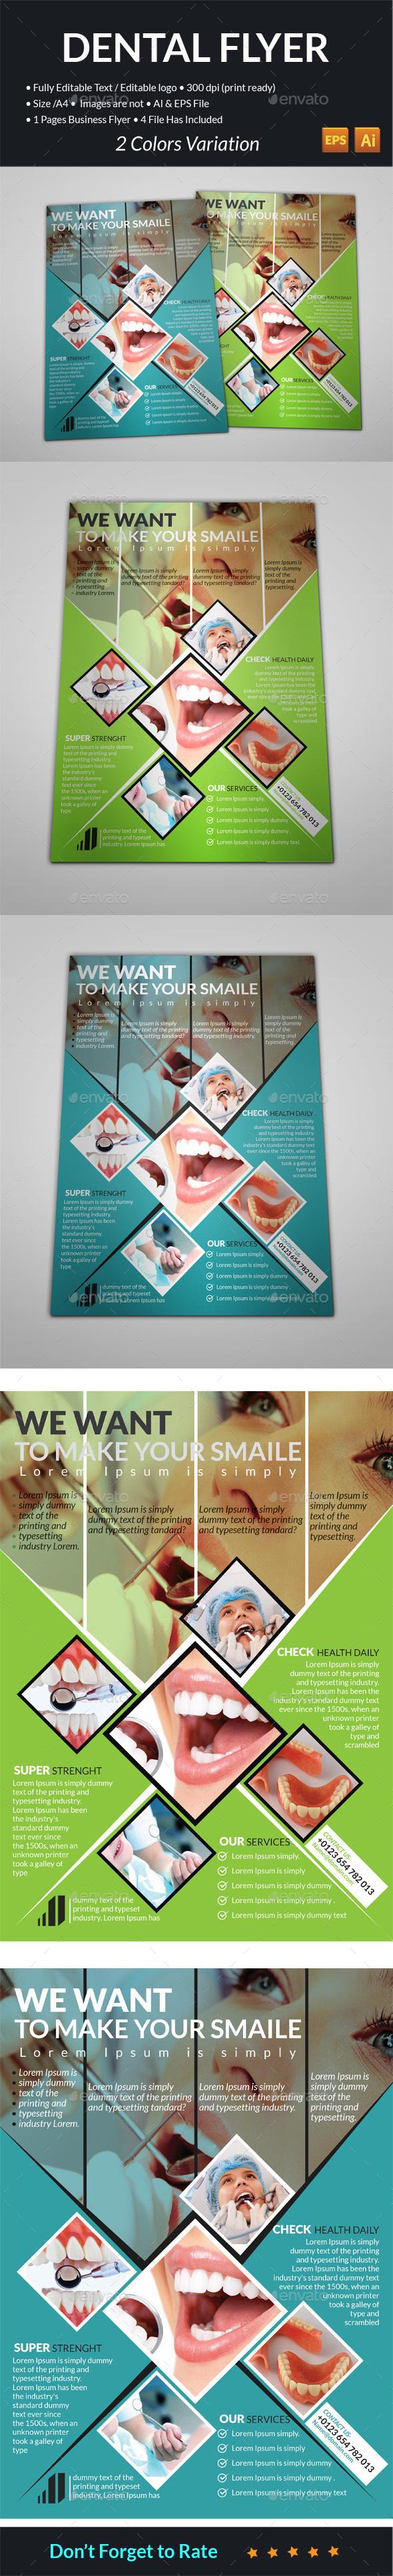 Dental Flyer Templates  - Flyers Print Templates